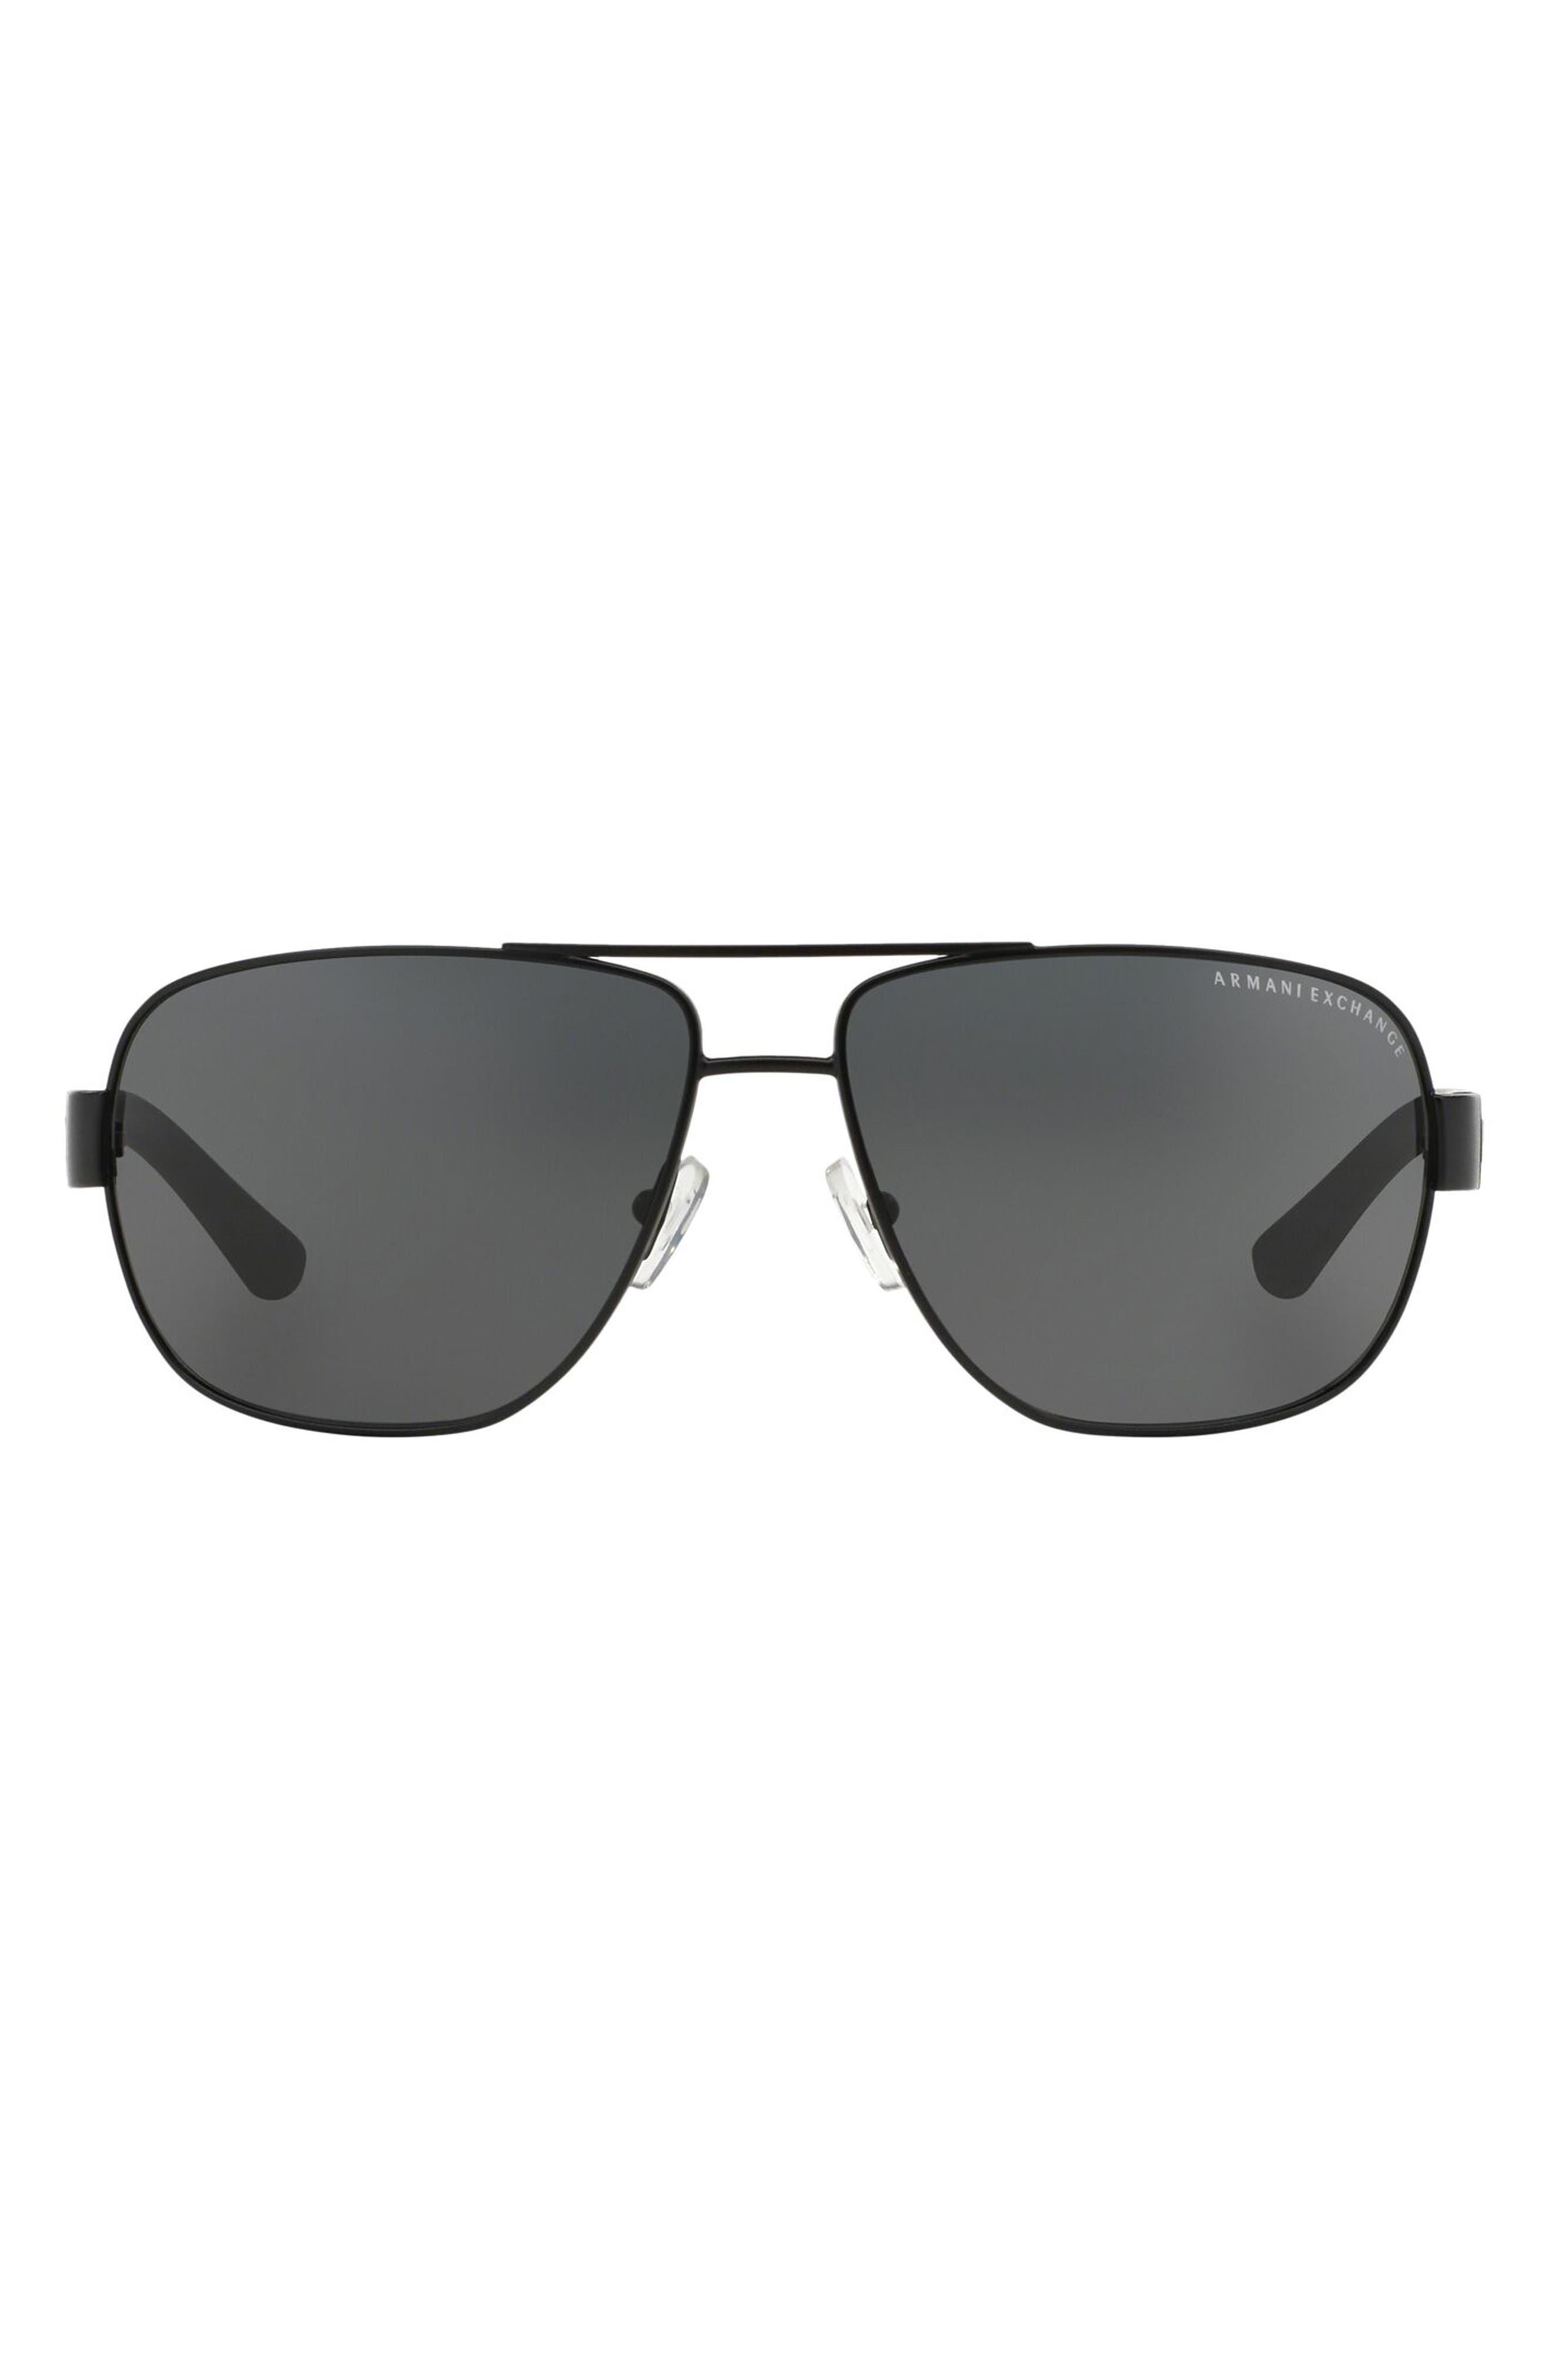 64mm Oversize Aviator Sunglasses